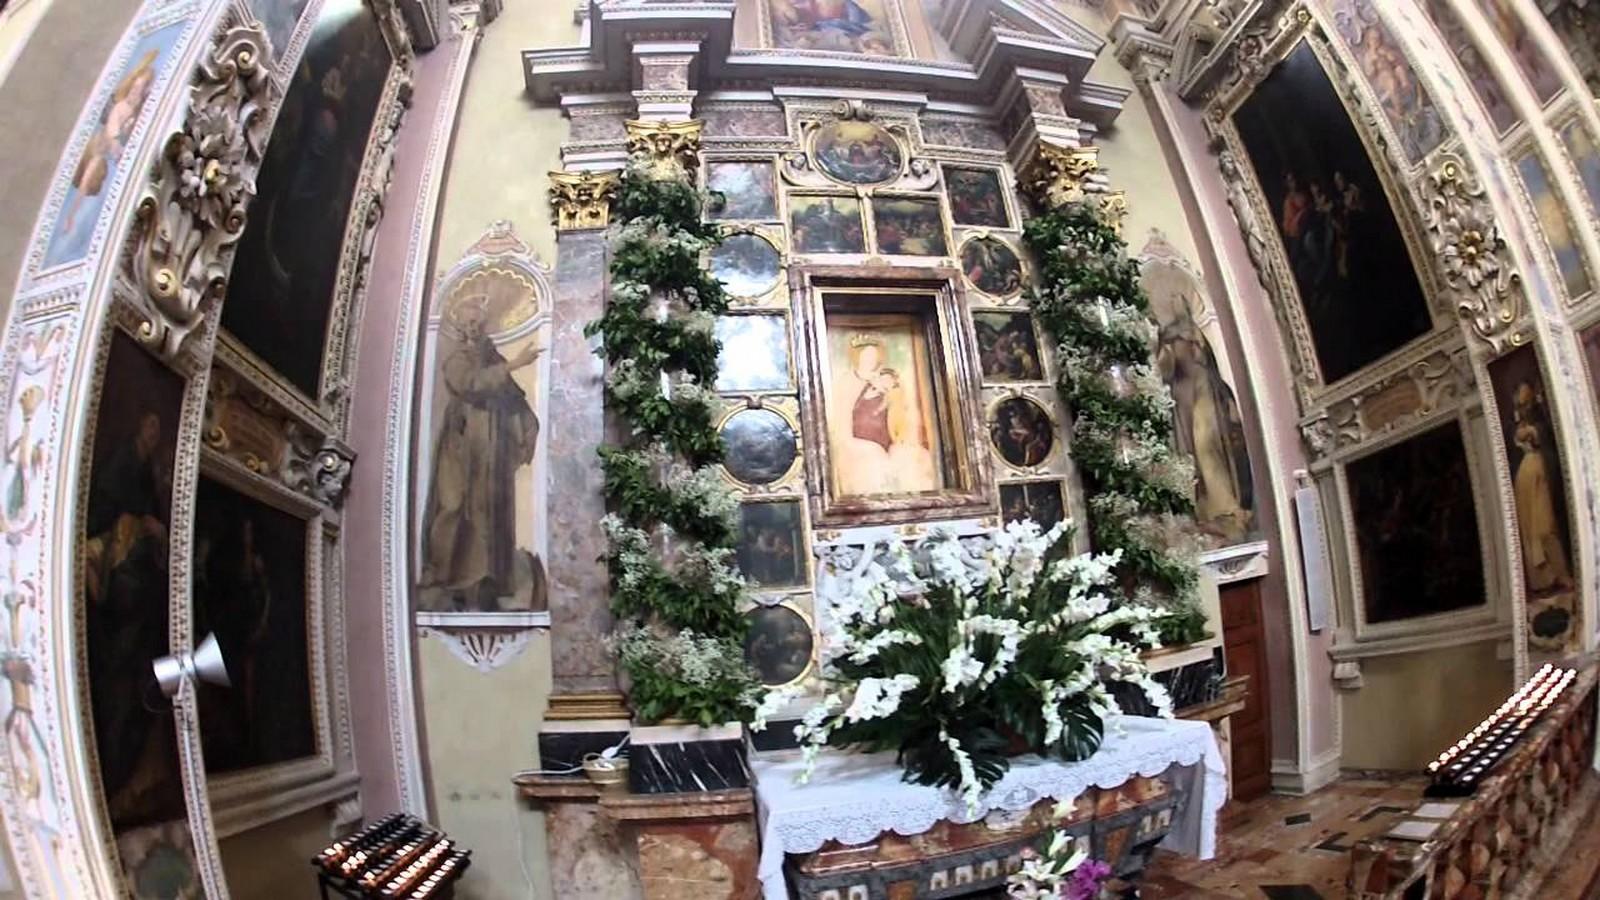 Santa María de los Milagros de Morbio Inferior, Aparece a 2 Niñas Endemoniadas, Suiza (29 jul)